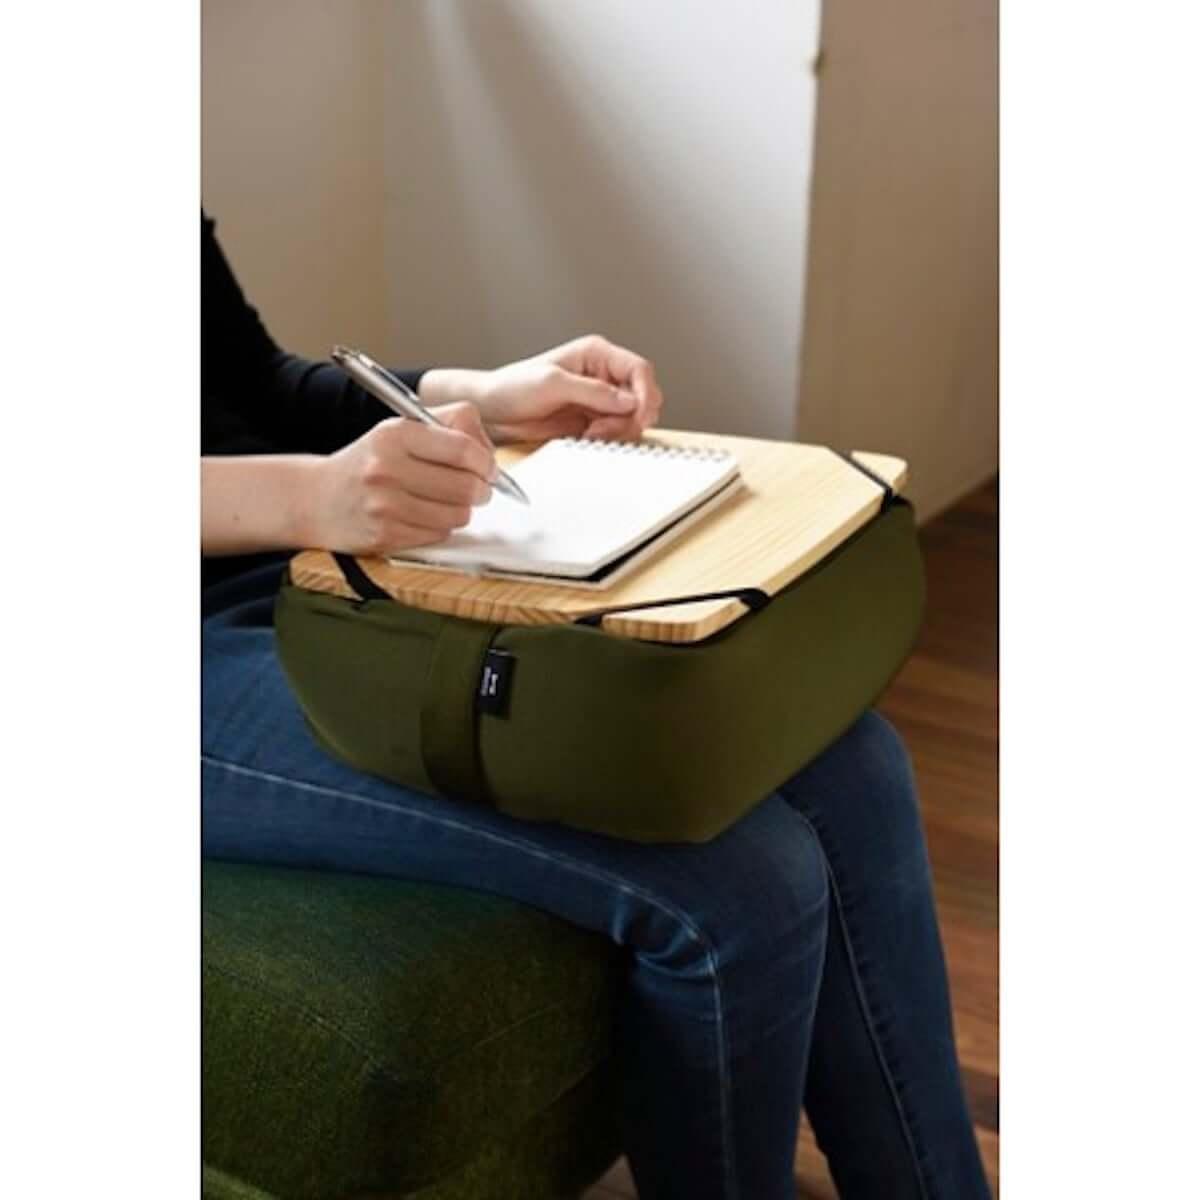 【ズボラ発明】ベッドやソファで活躍する万能携帯クッションテーブルがヴィレヴァンオンラインに登場! life-fashion19018-vvstore-2-1200x1200